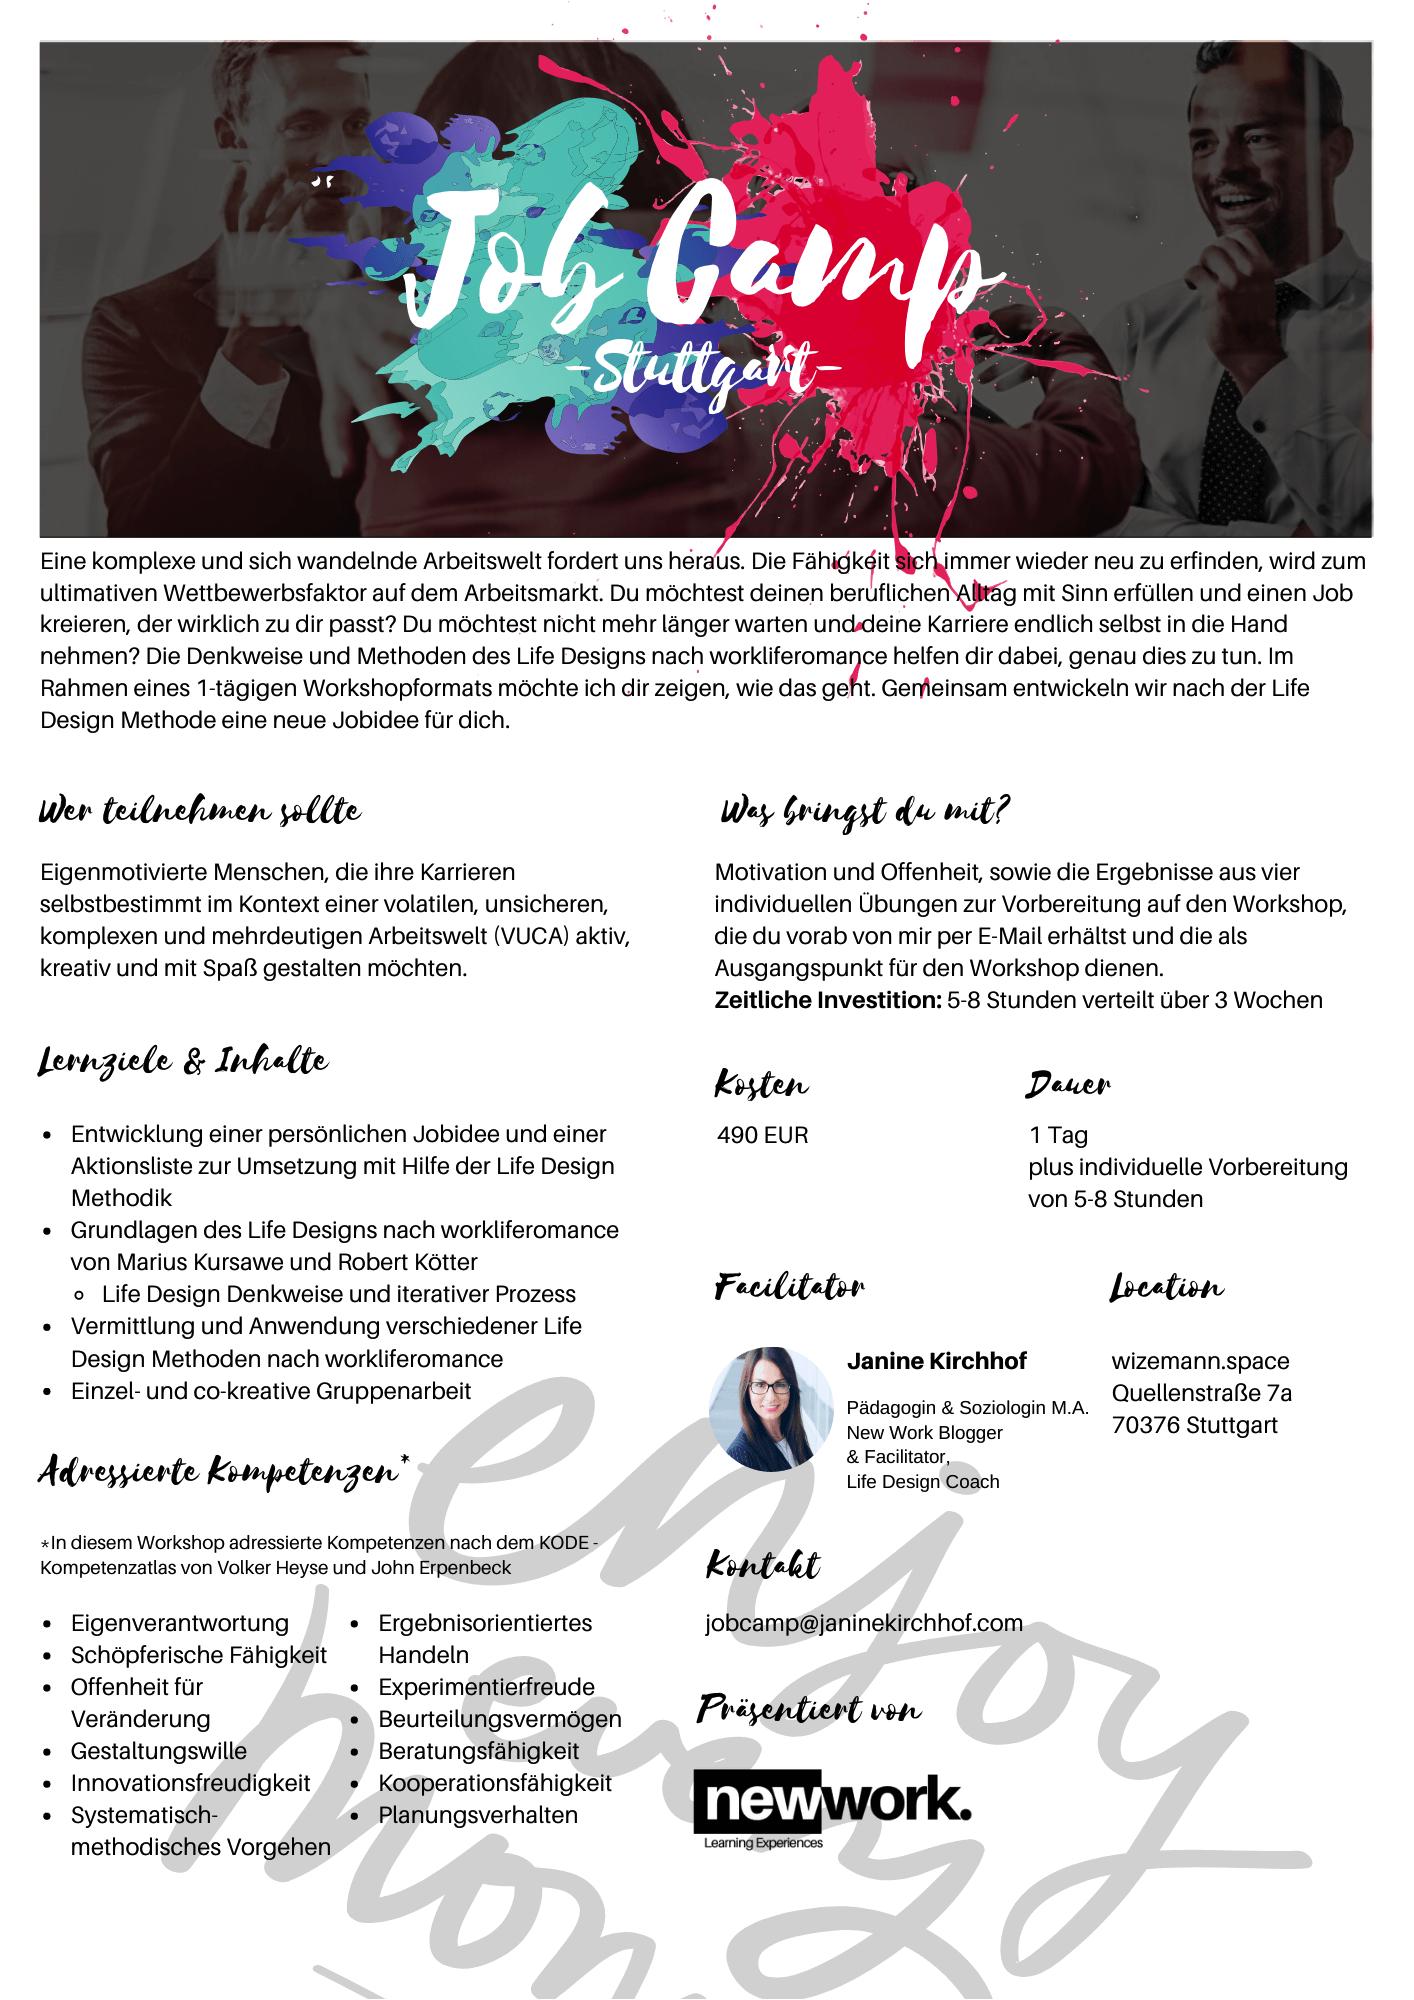 Kursbeschreibung Job Camp -Stuttgart-